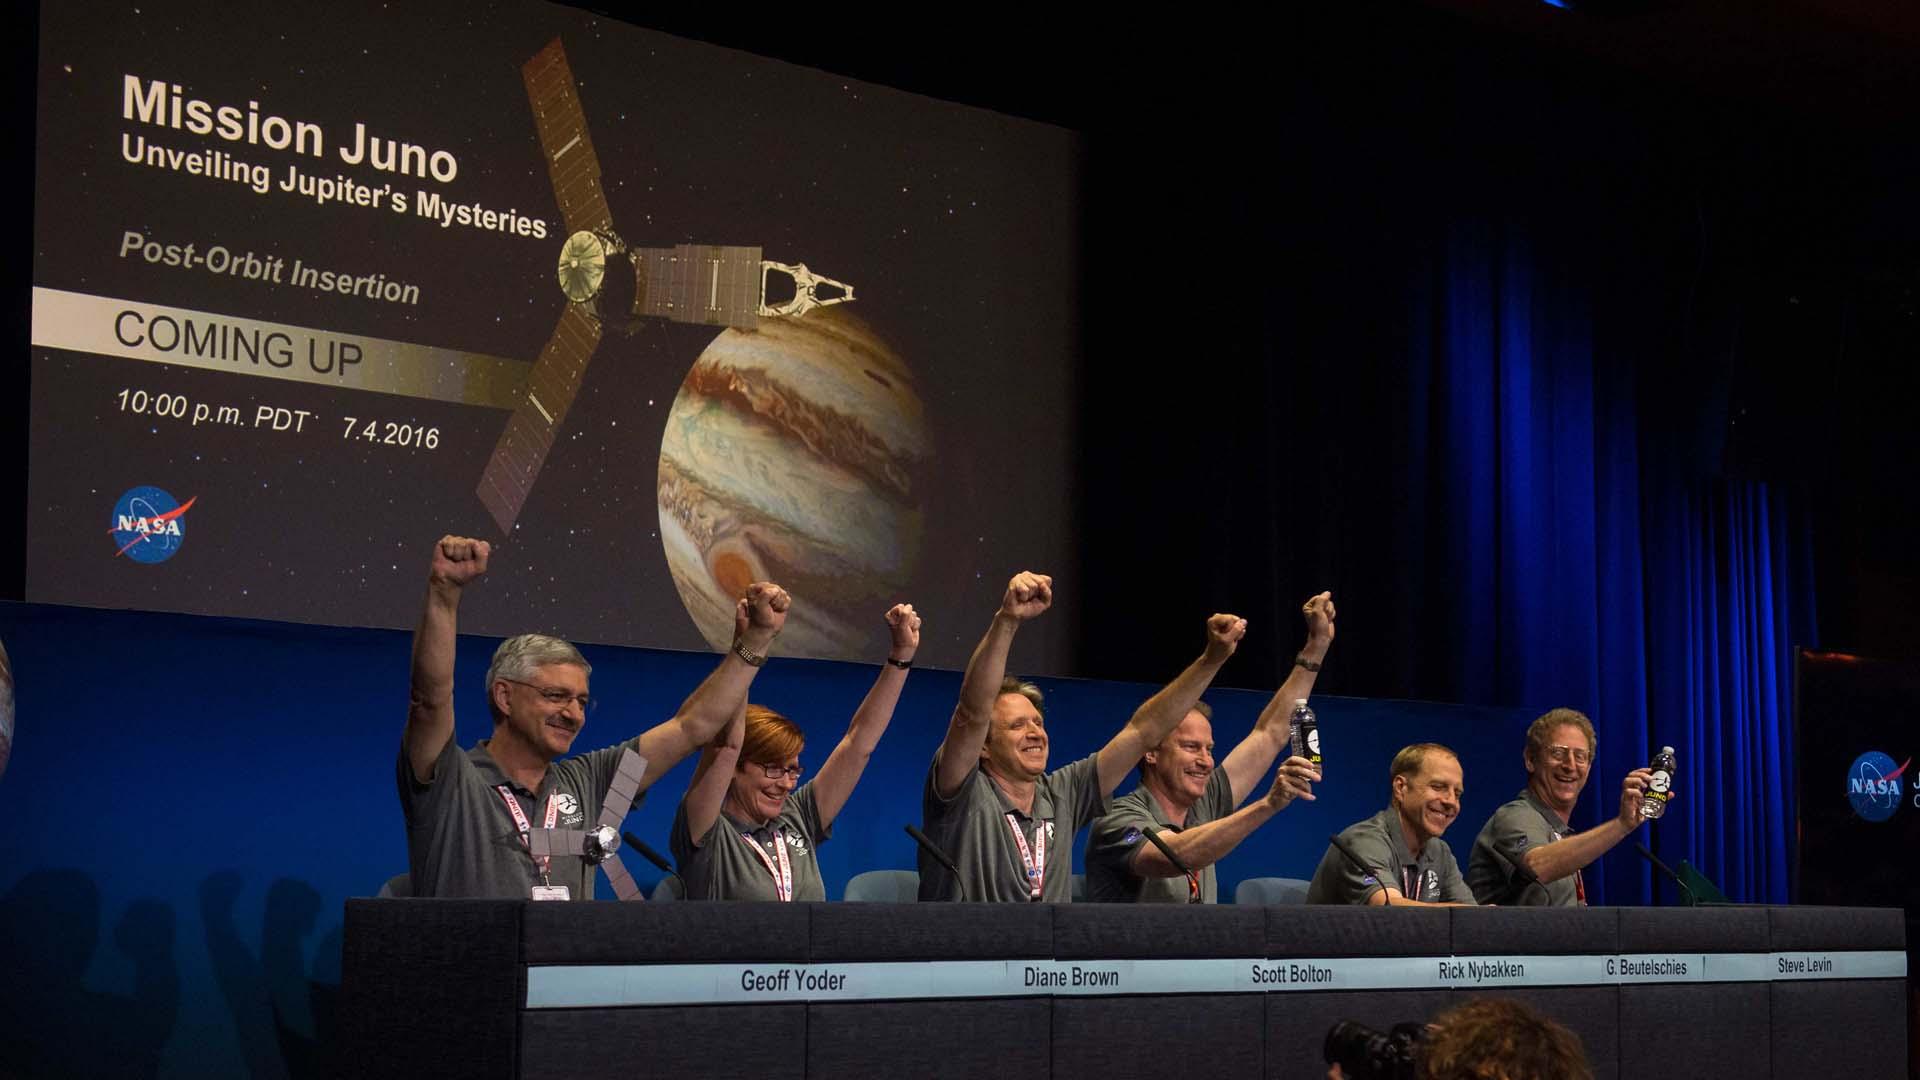 Científicos iniciarán los estudios para intentar develar el verdadero origen del Sistema Solar